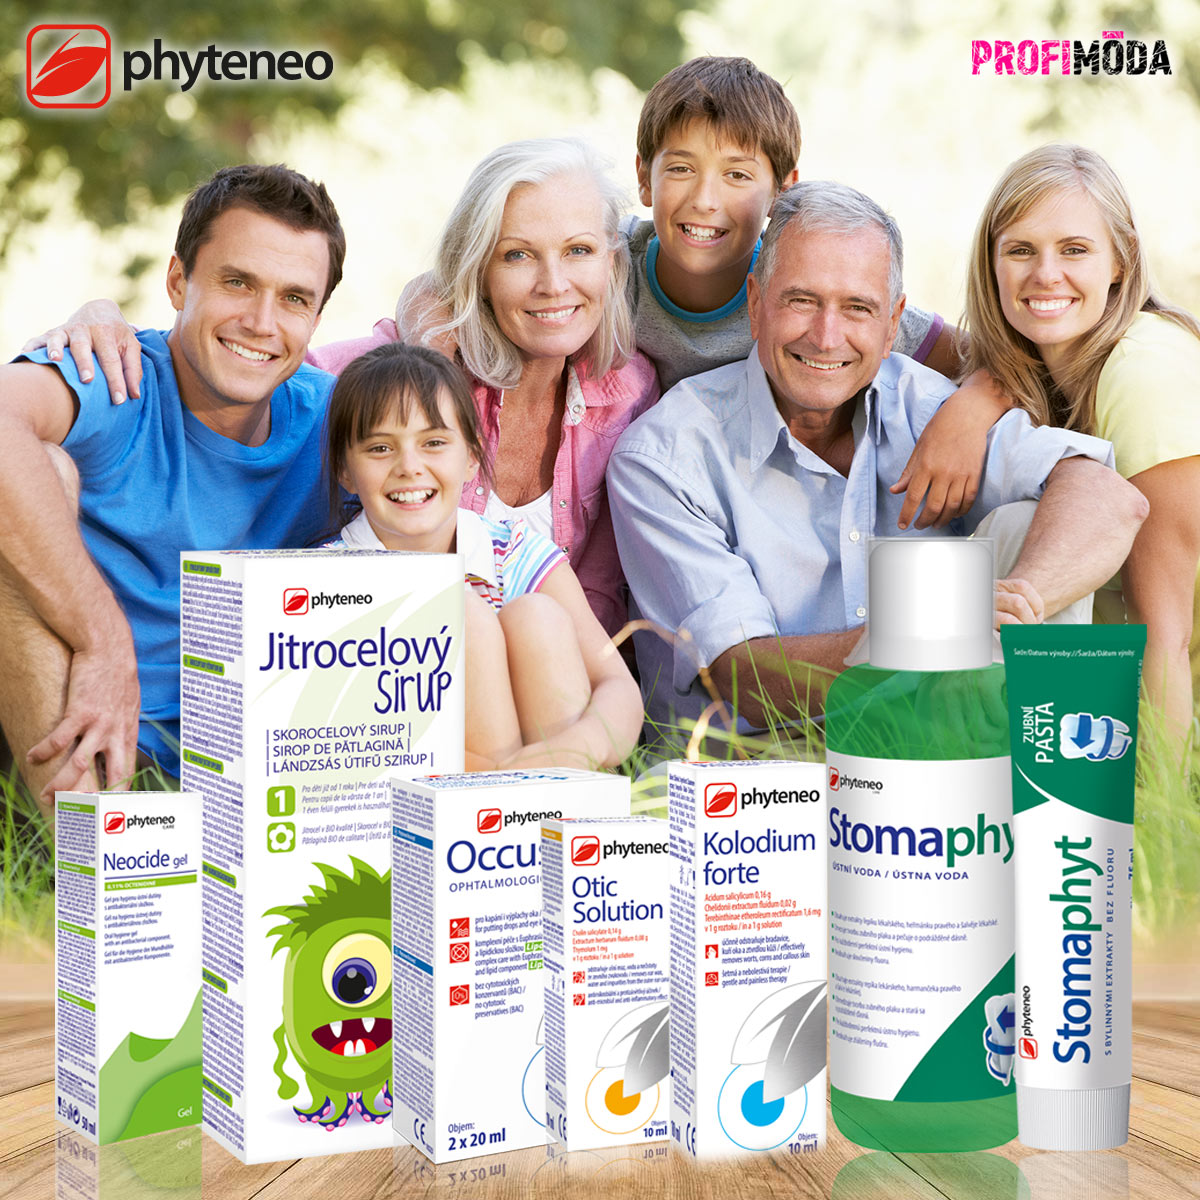 Svět zdraví v přírodních molekulách – to jsou moderní fytofarmaka Phyteneo.